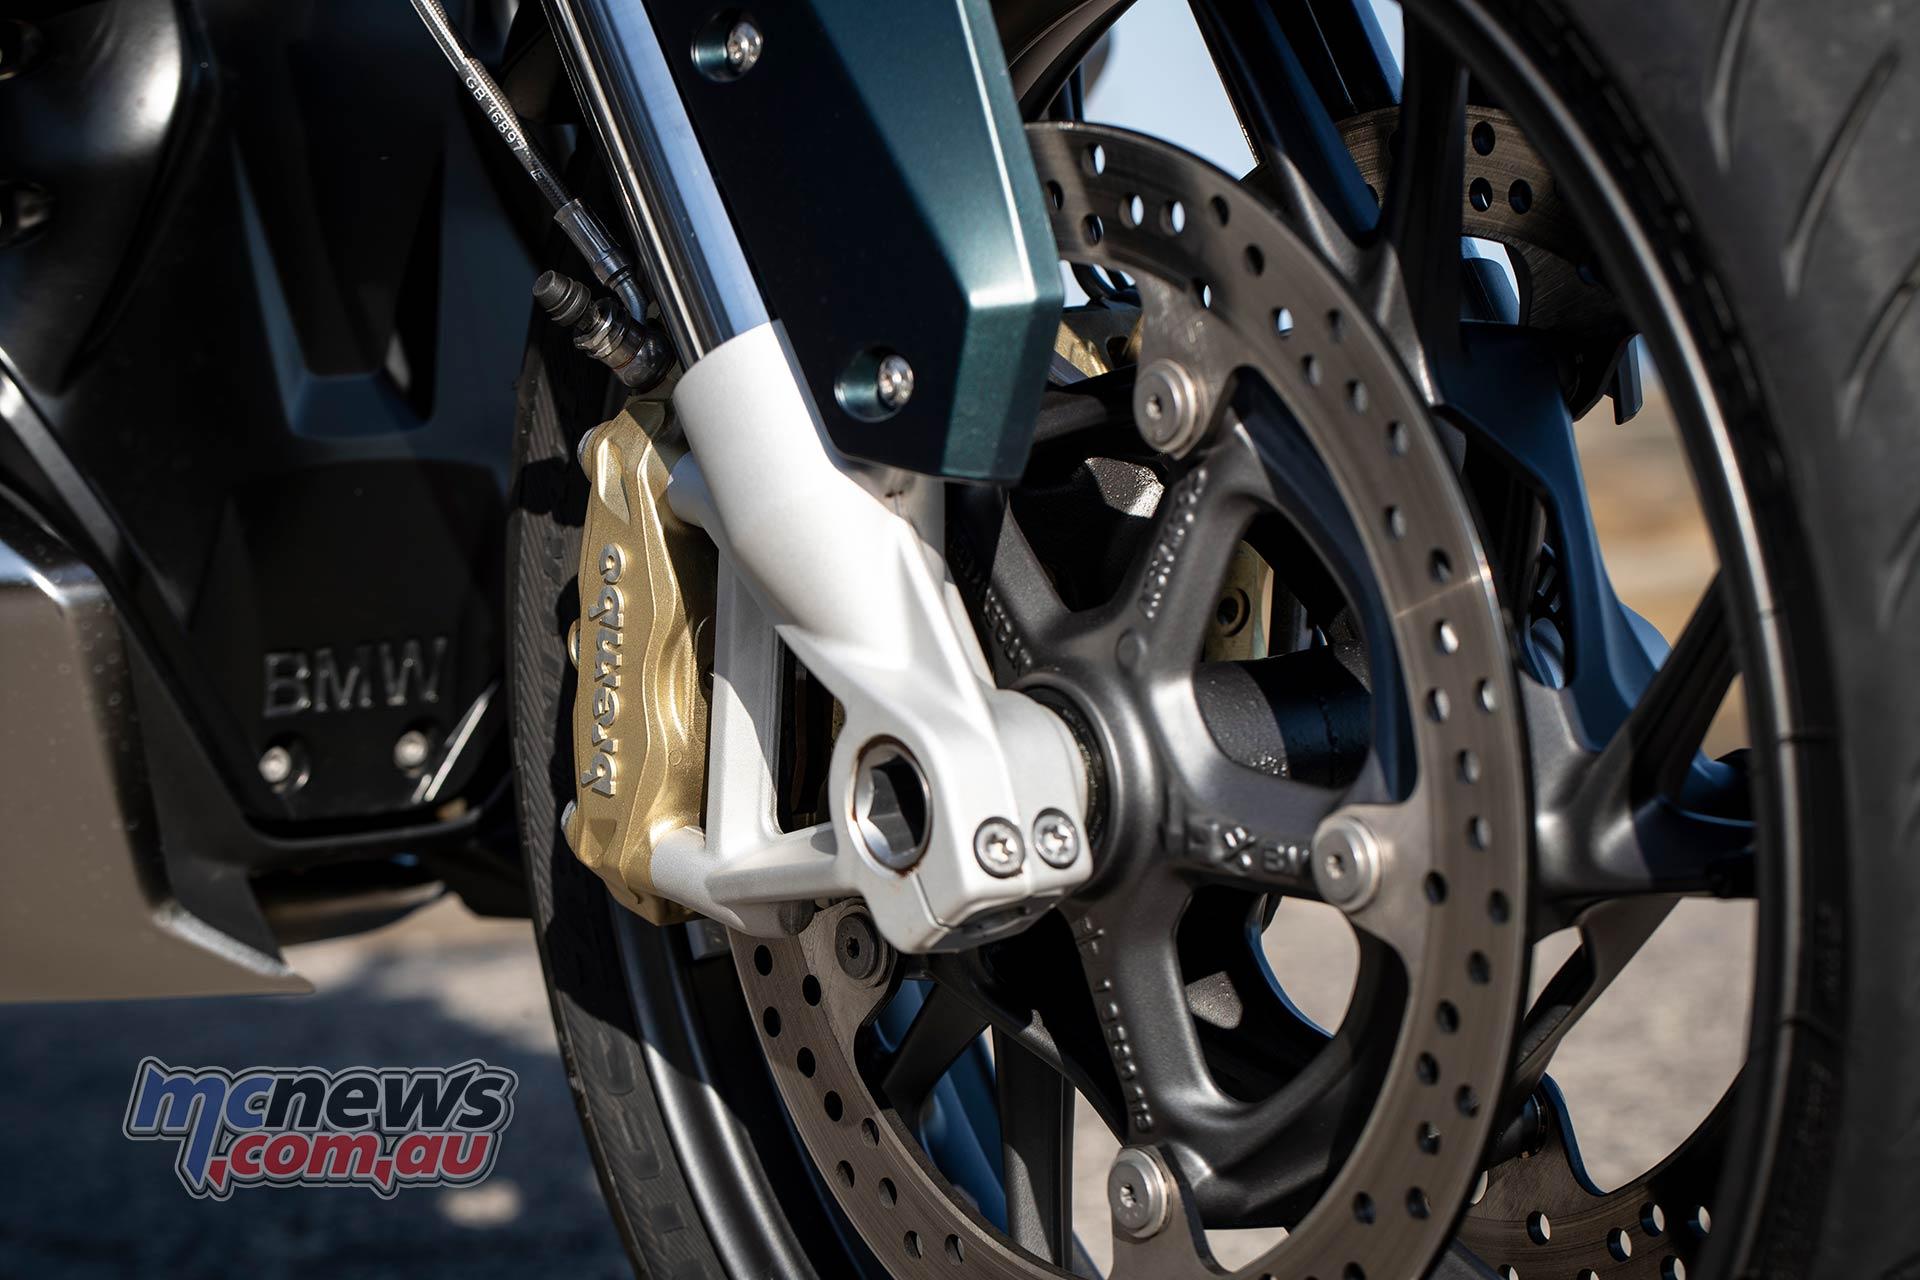 BMW RR Brakes